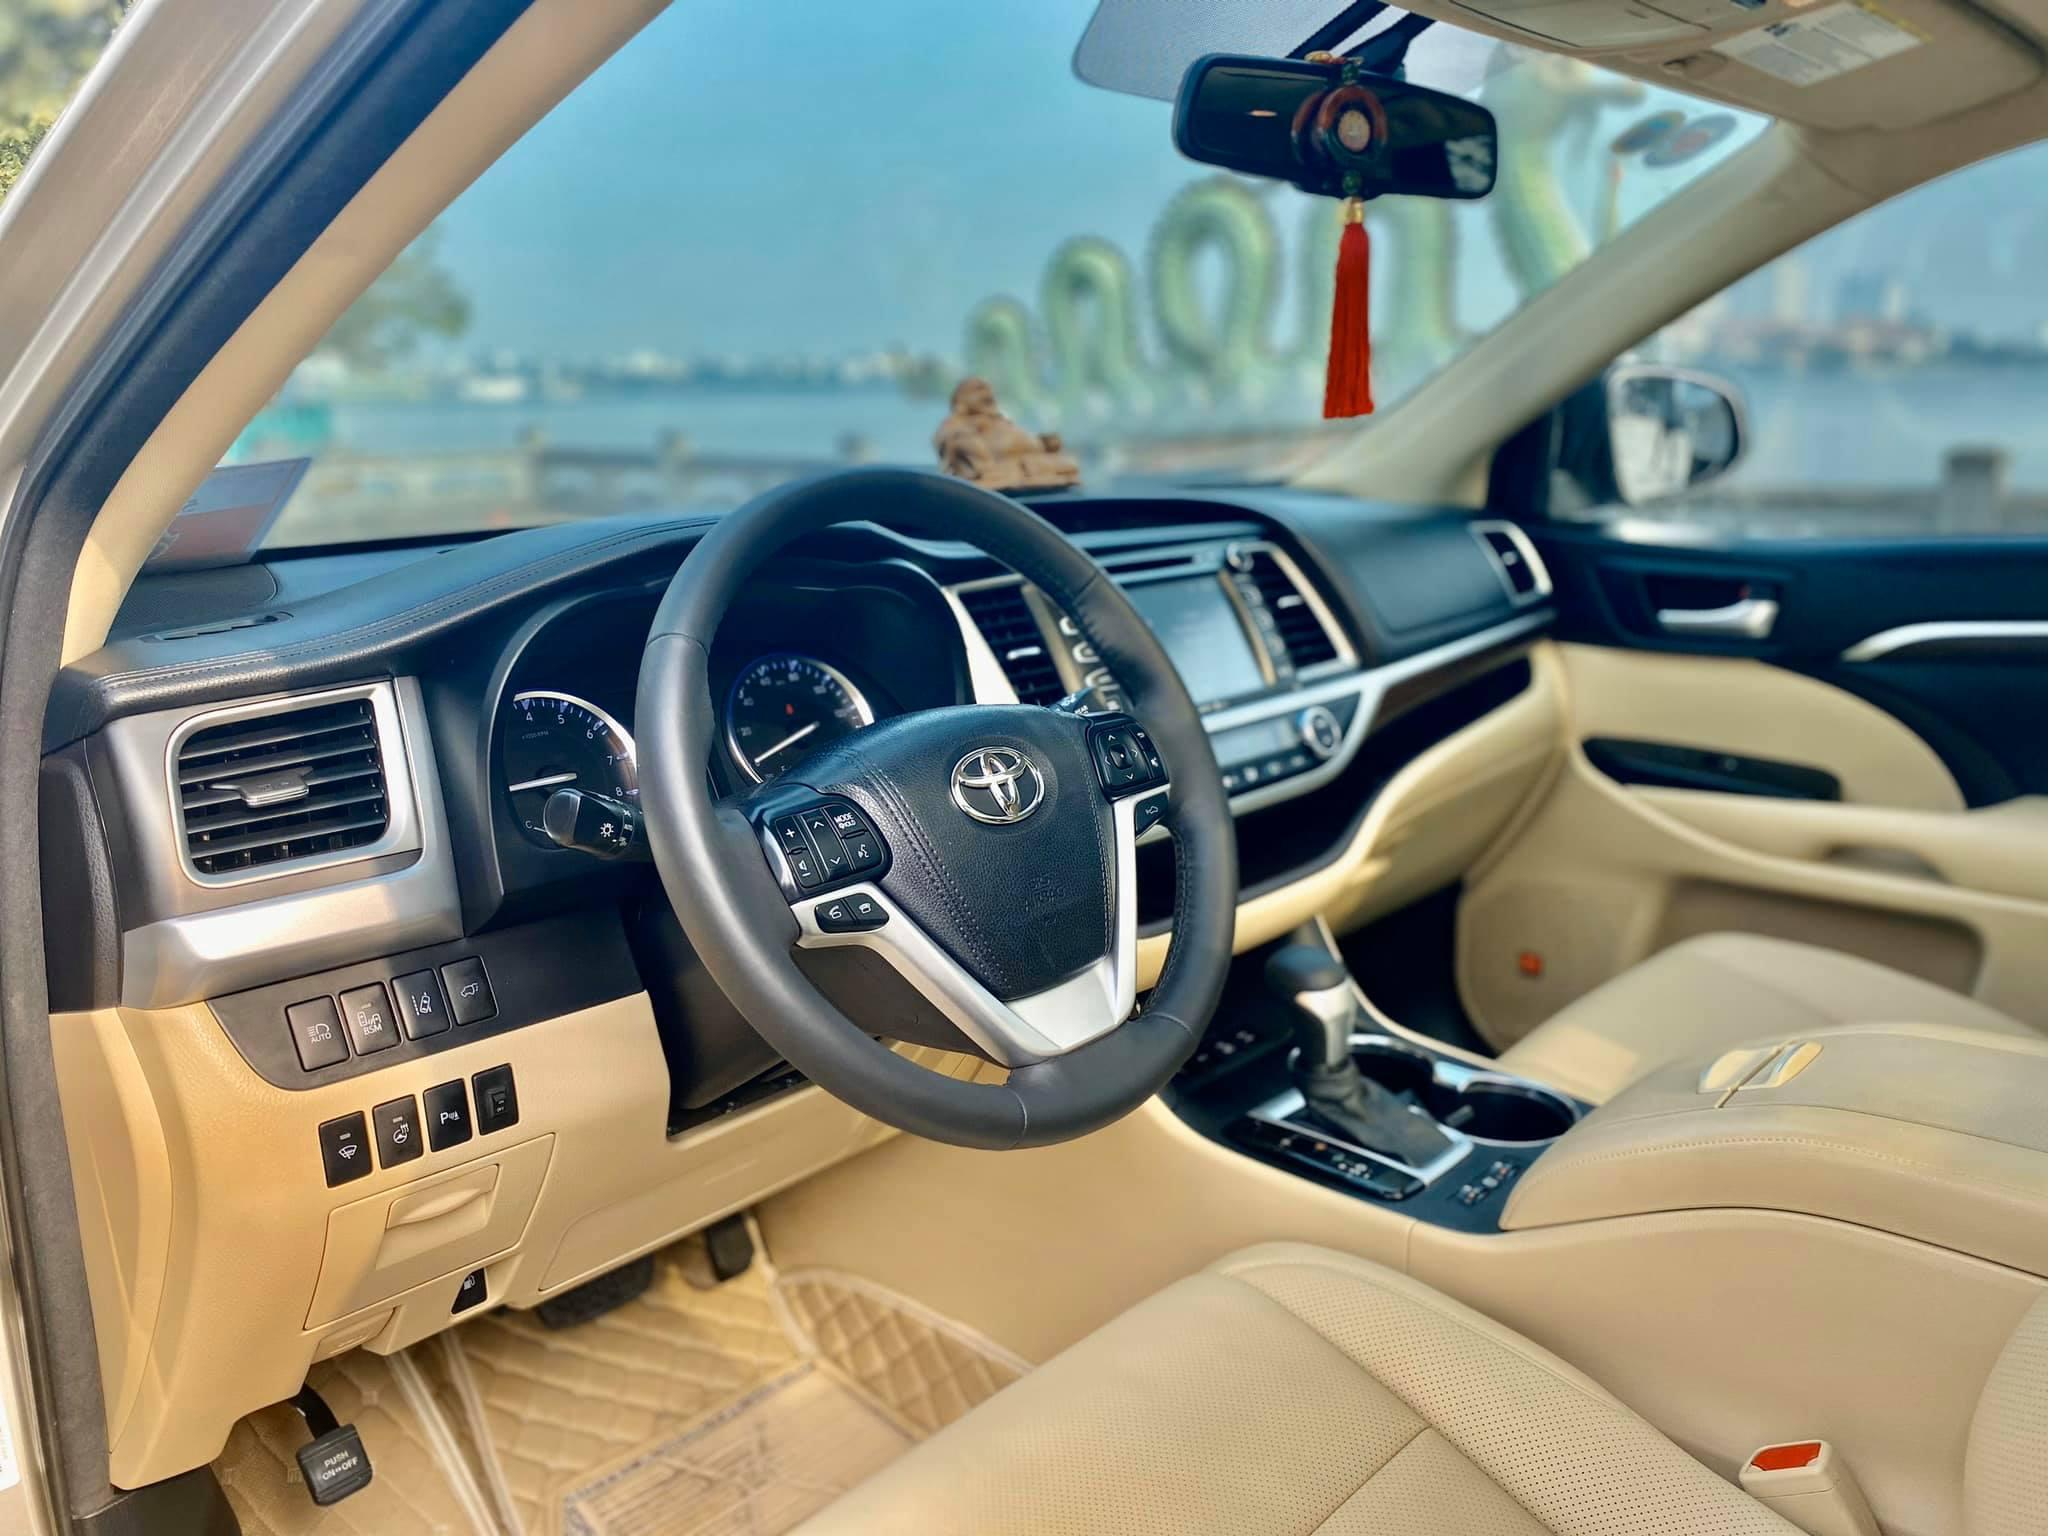 Toyota Highlander Limited 2015, 6 chỗ ngồi hàng hiếm tại Việt Nam - 3